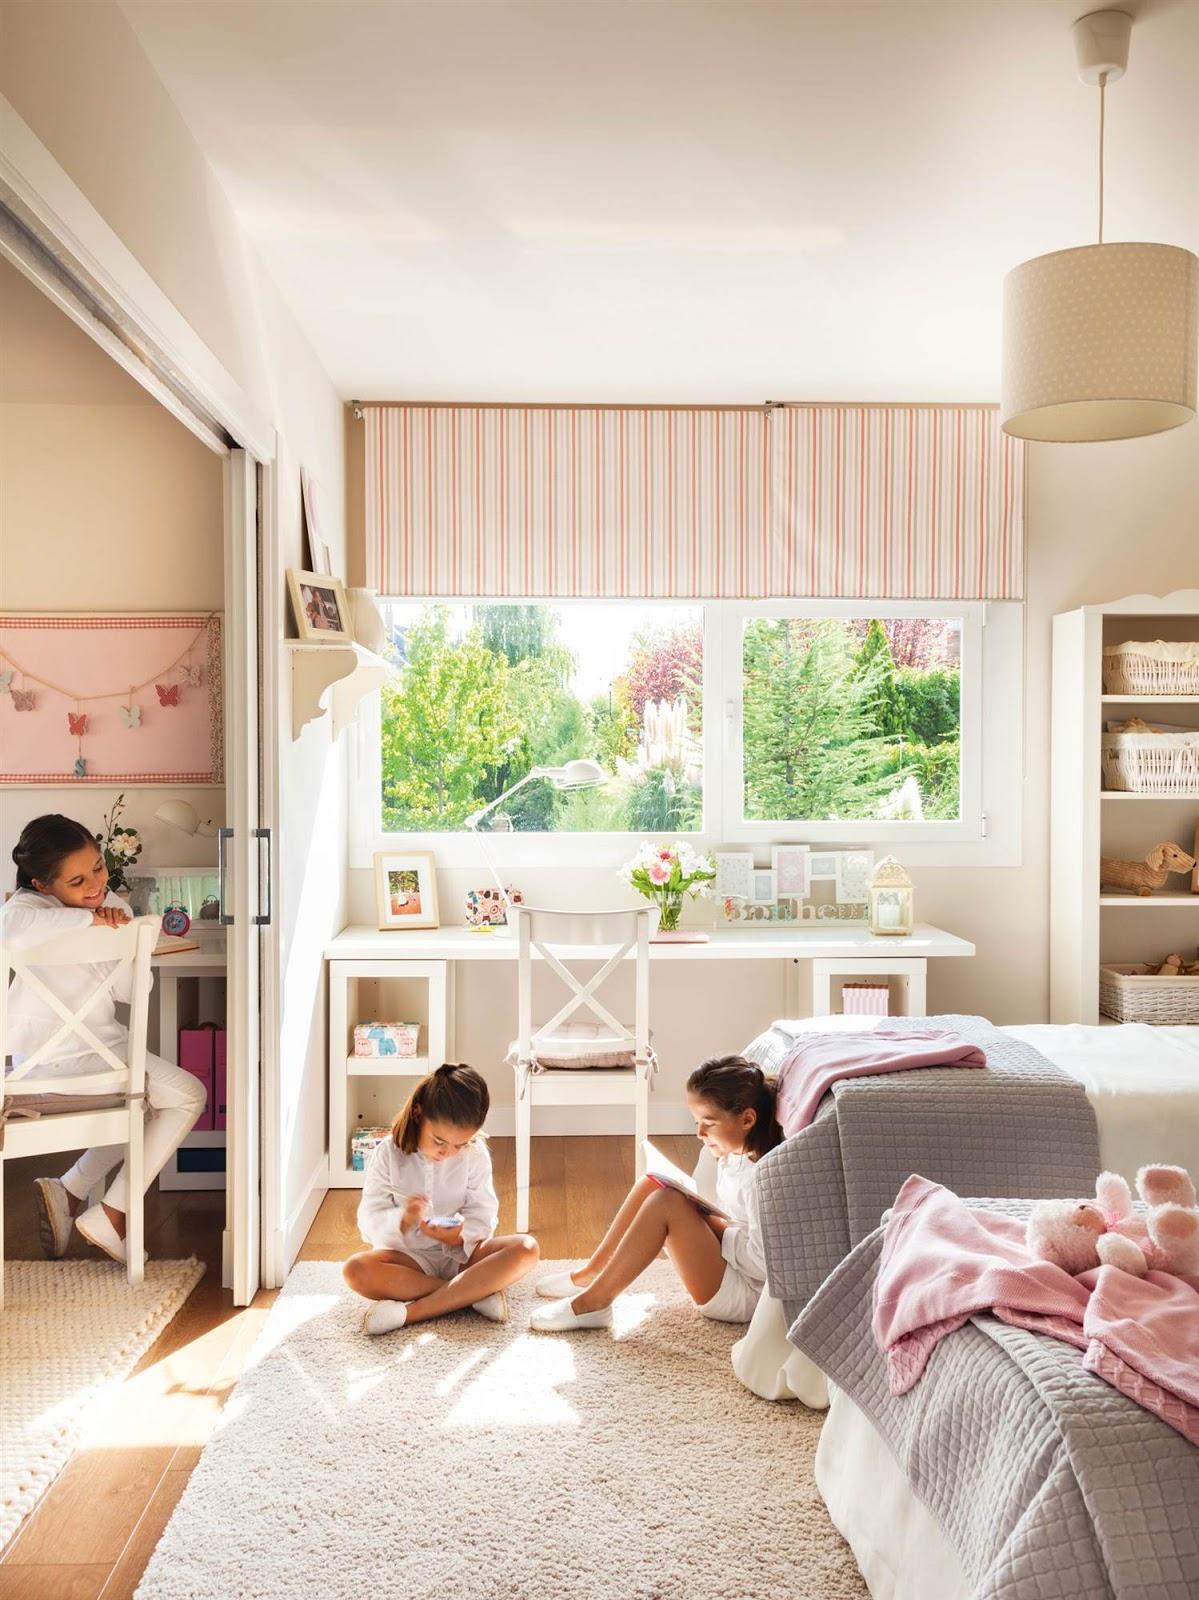 Casa tr s chic quarto de crian a - Dormitorios infantiles blancos ...